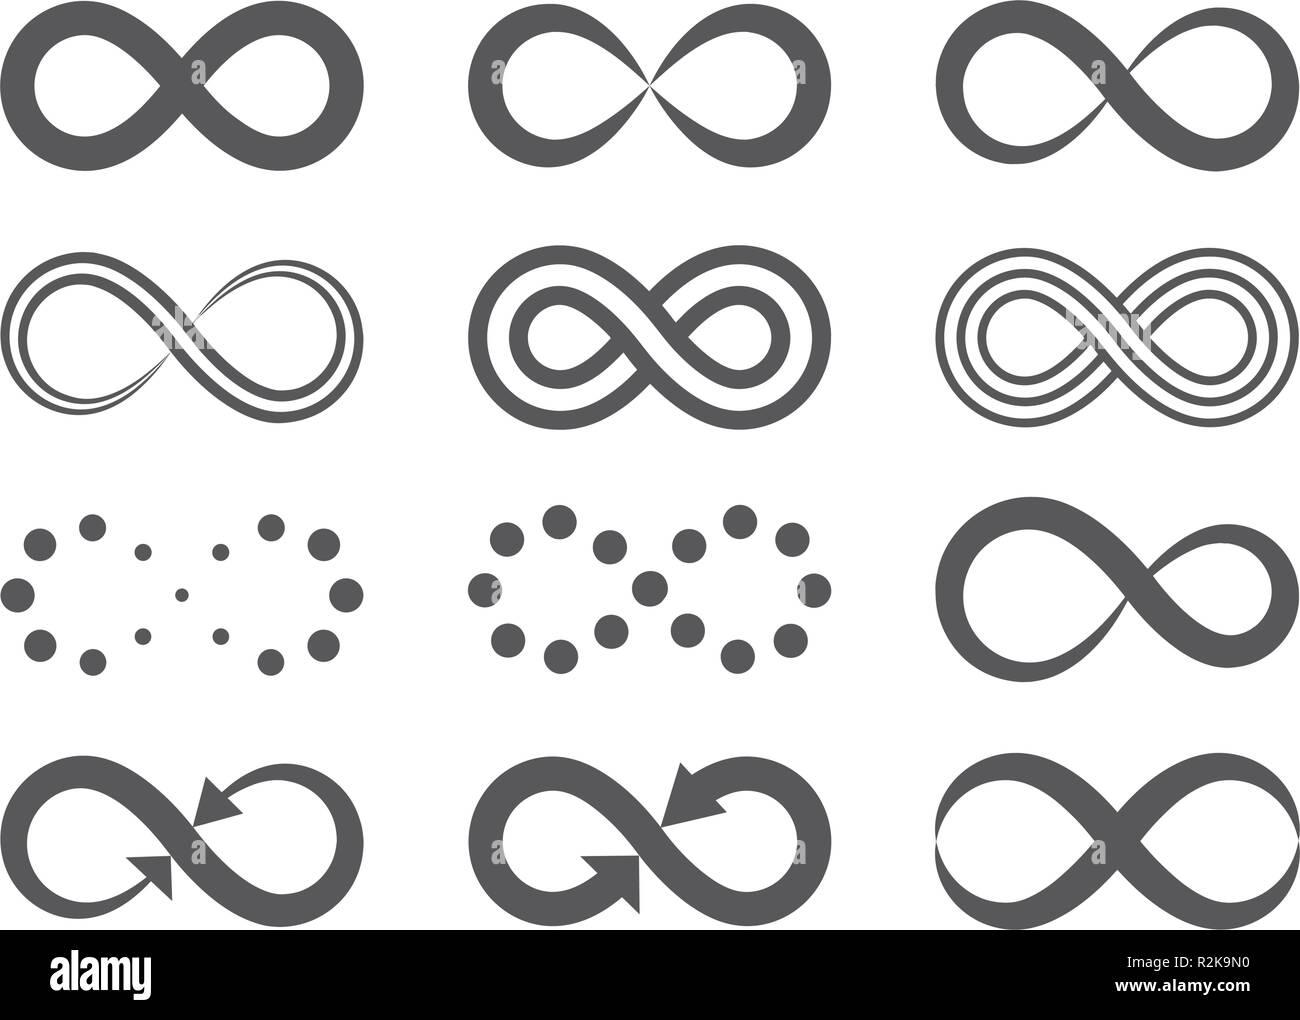 Symboles de l'infini noir. Icônes de répétition et signes illustration sur fond blanc. Photo Stock